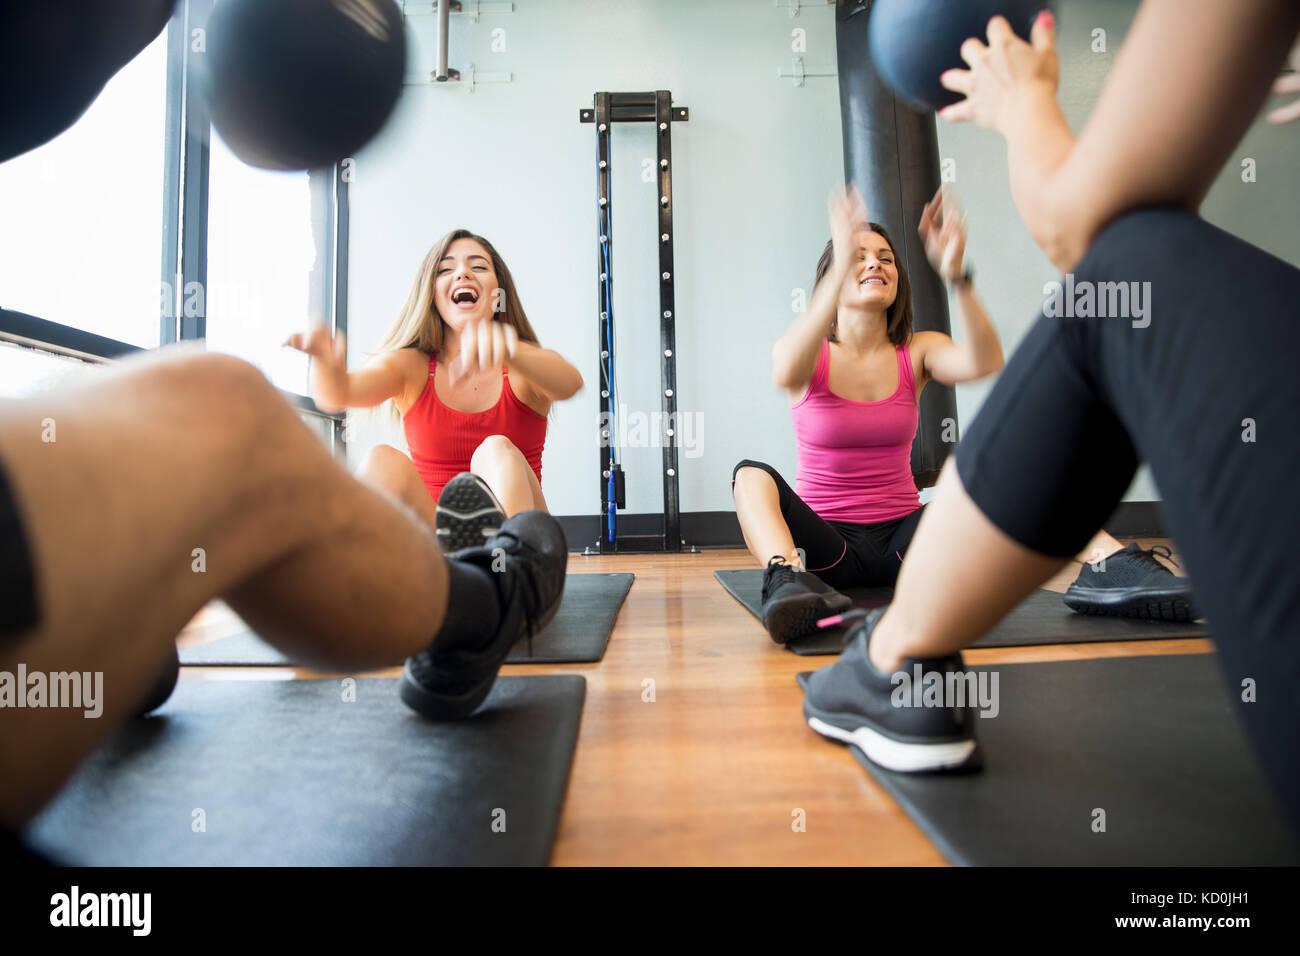 Formation d'amis avec ballon en salle de sport Photo Stock